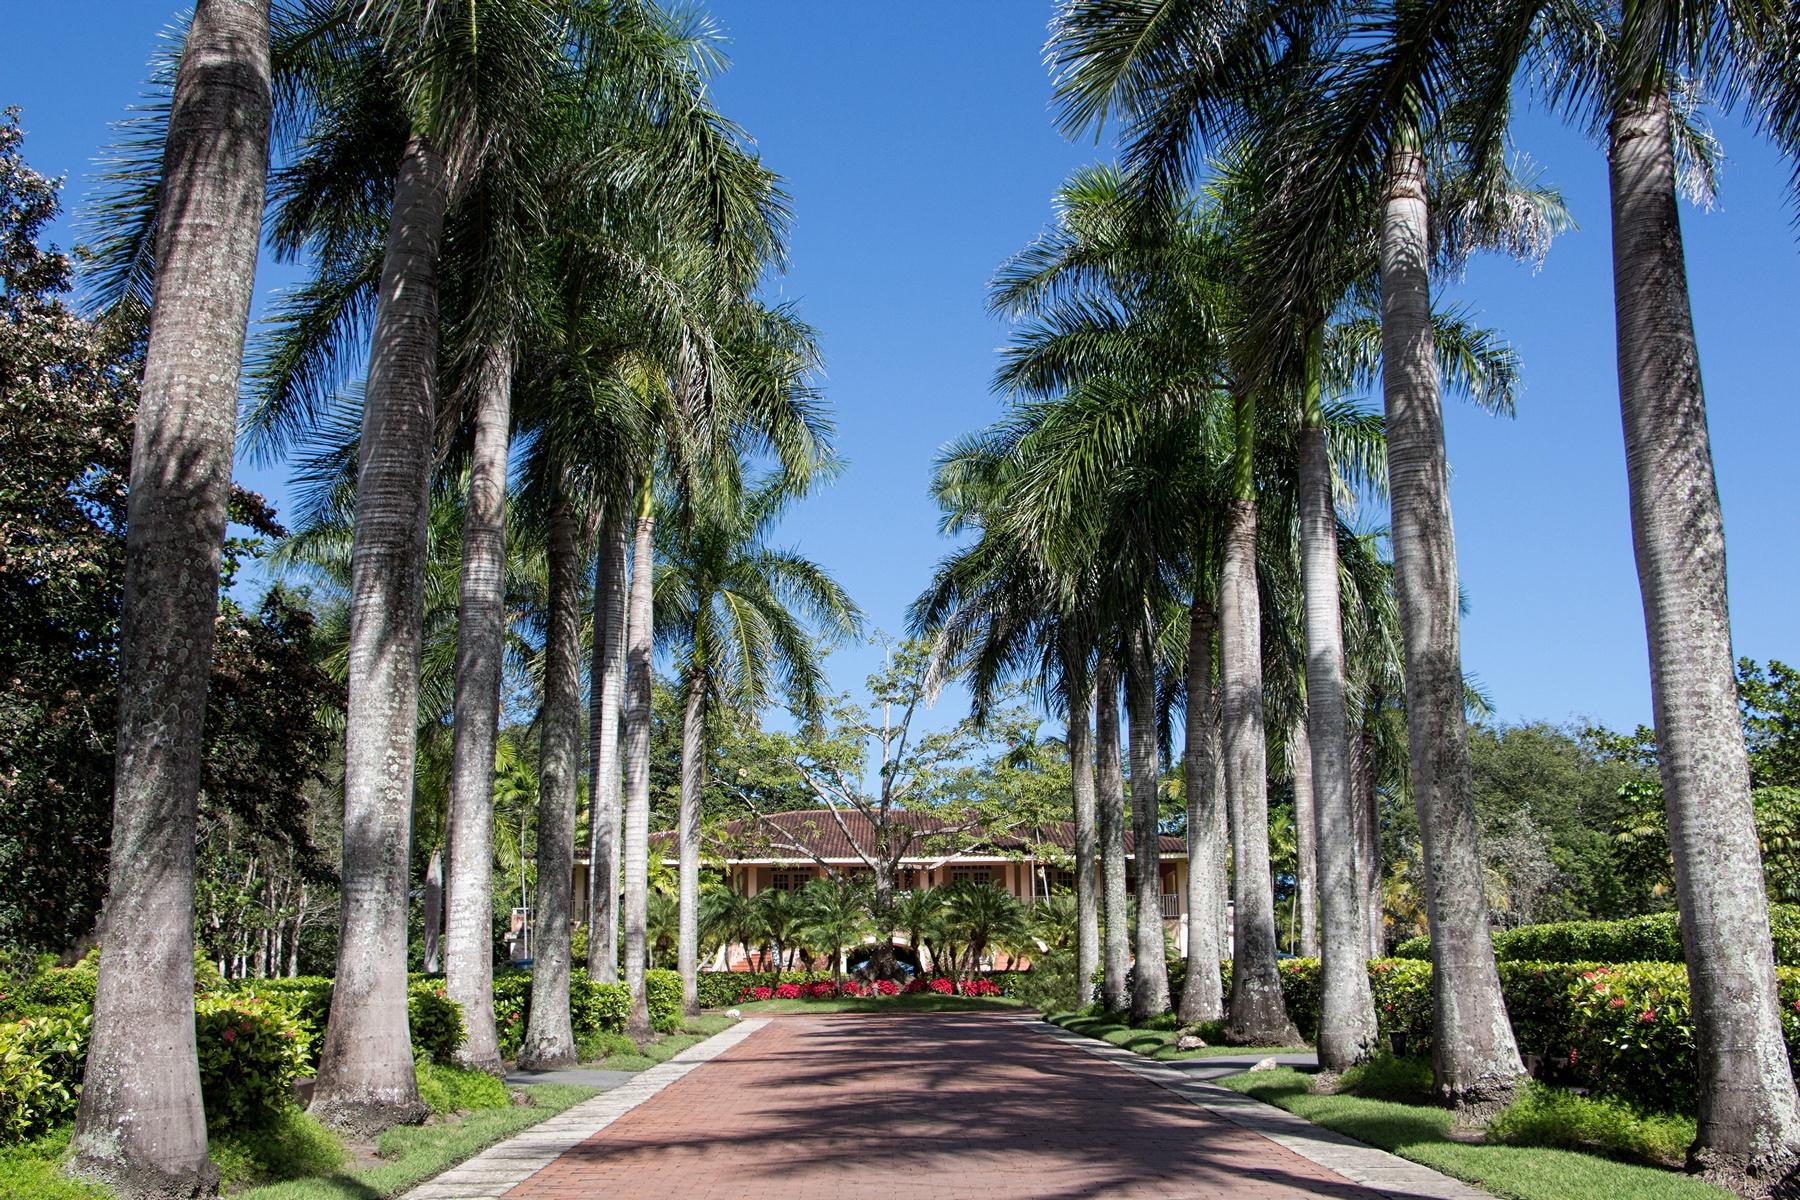 Additional photo for property listing at Dorado Beach East Unique Lot Opportunity 323 Dorado Beach East Dorado Beach, Puerto Rico 00646 Puerto Rico